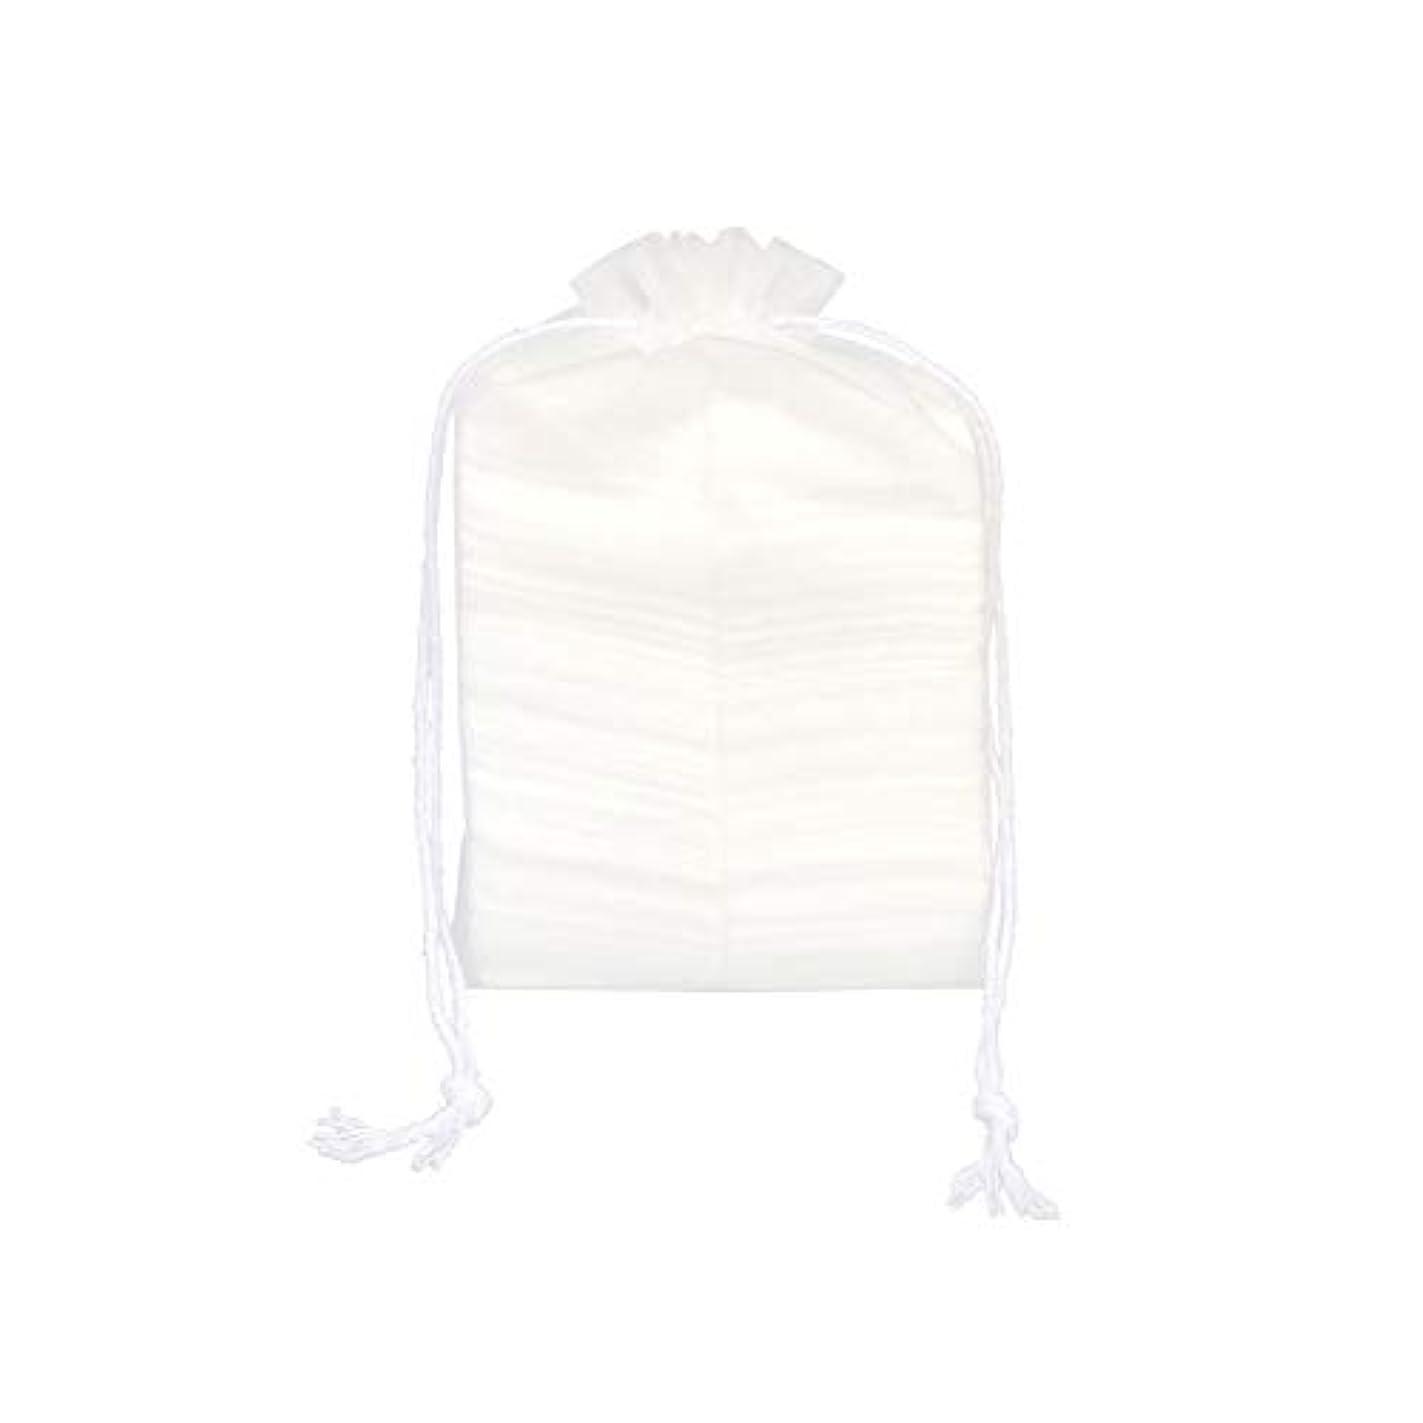 熱心な専門用語リクルート200平方綿の品質の綿のシート除去ソフト節水柔らかい綿のメイクツール